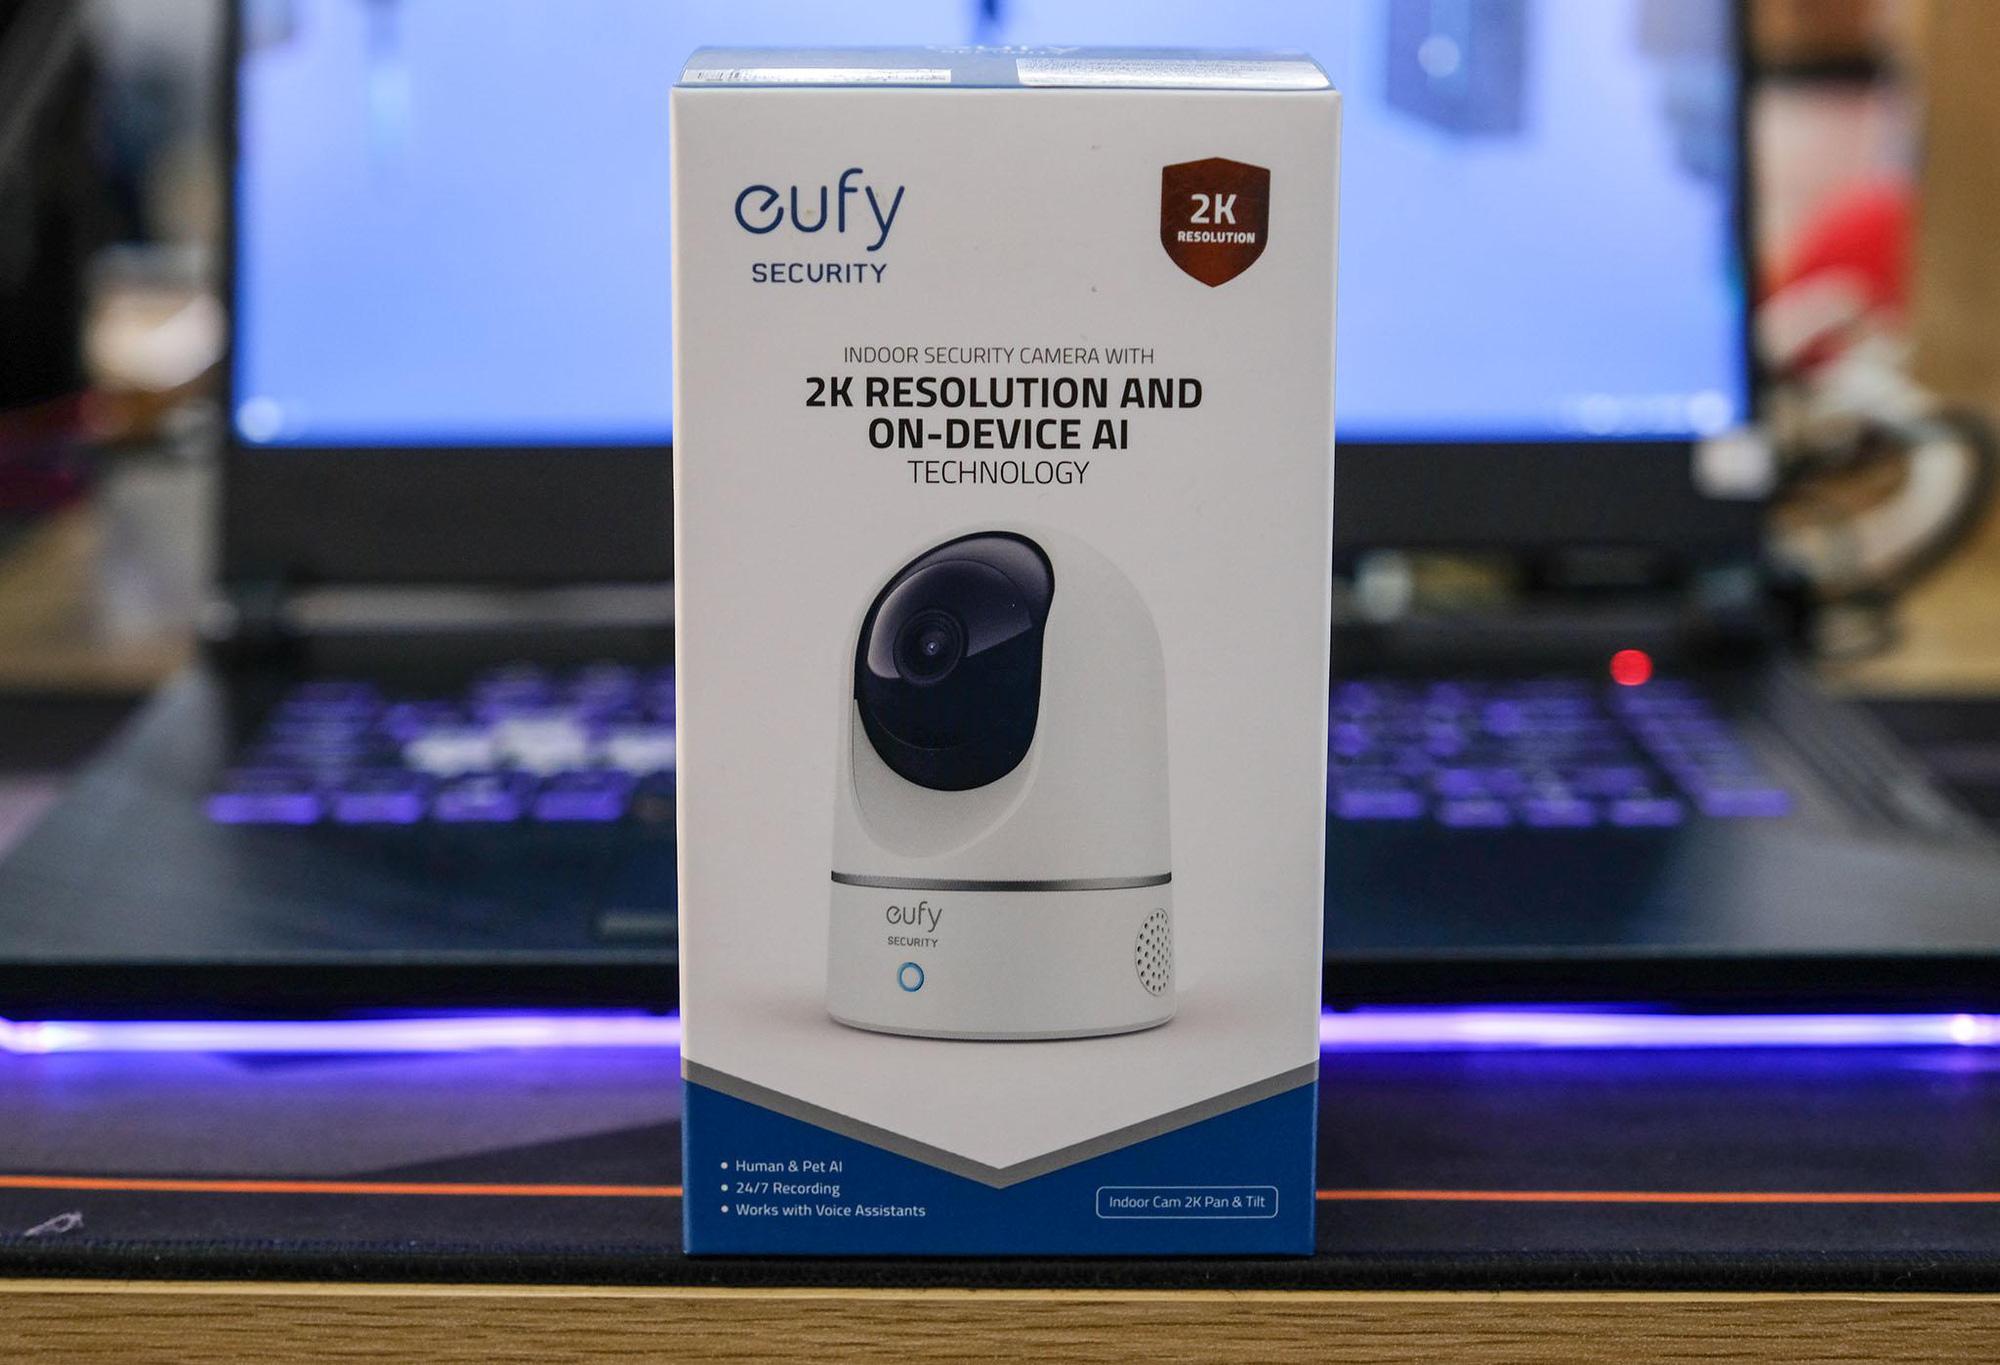 Camera Eufy Indoor 2K Pan and Tilt - Giám sát trẻ nhỏ thật dễ dàng - Ảnh 2.